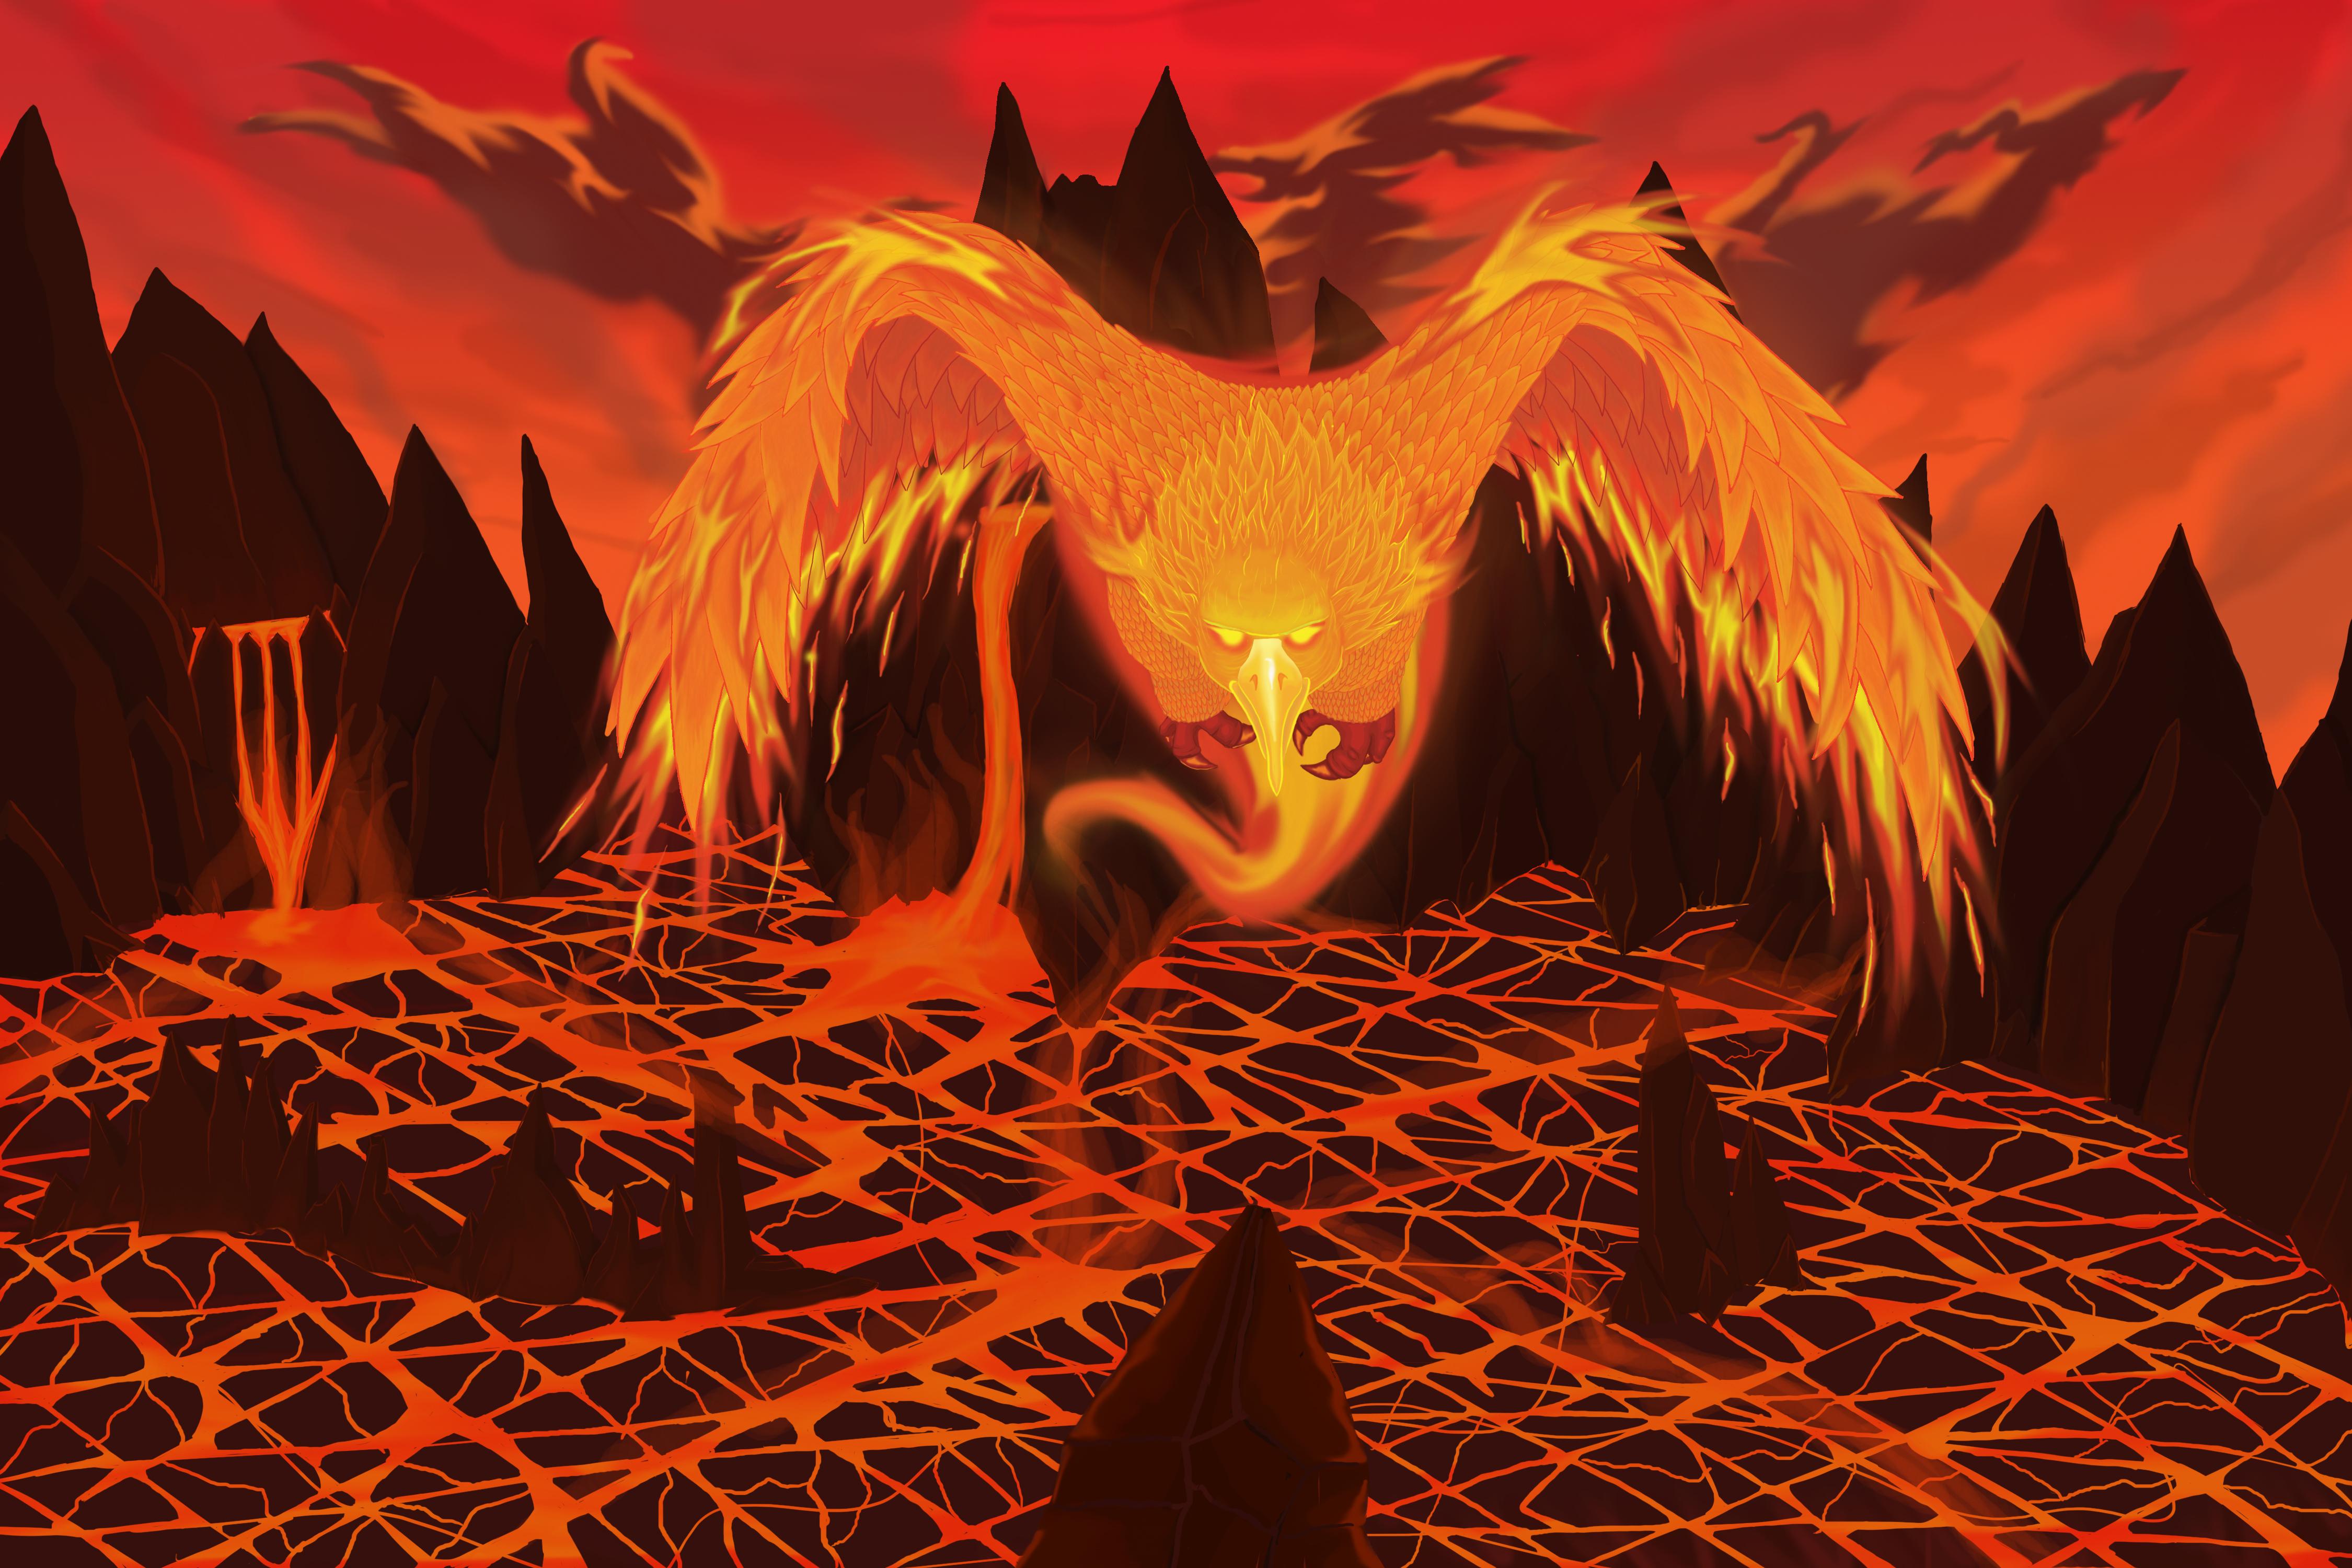 The Phoenix!